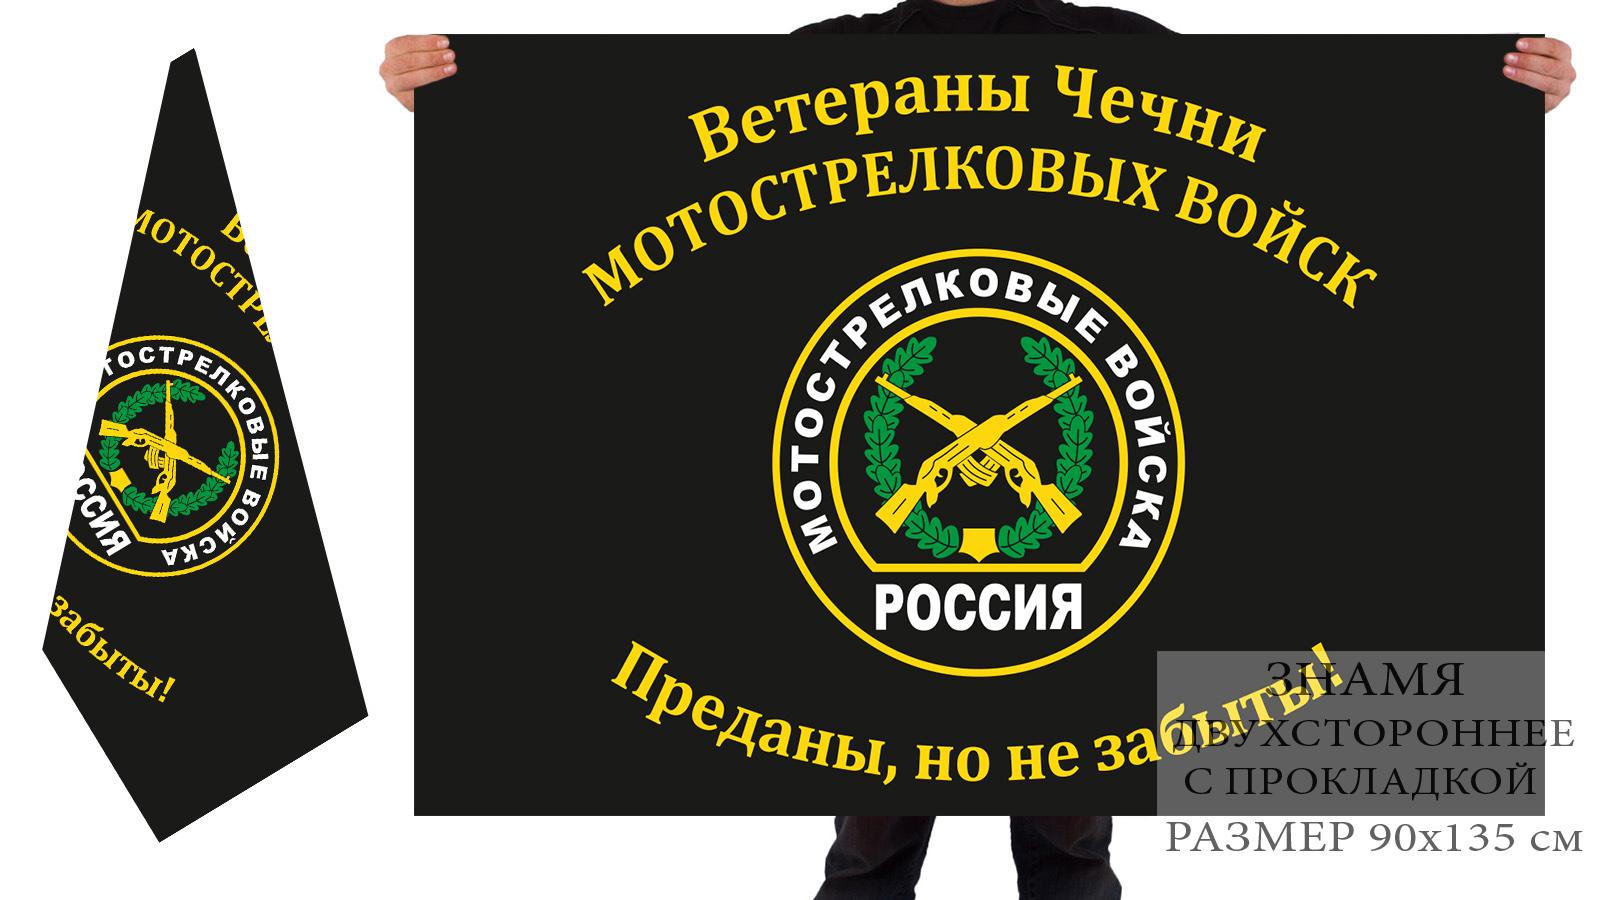 Двухсторонний флаг «Преданы, но не забыты! Ветераны Чечни Мотострелковых войск»